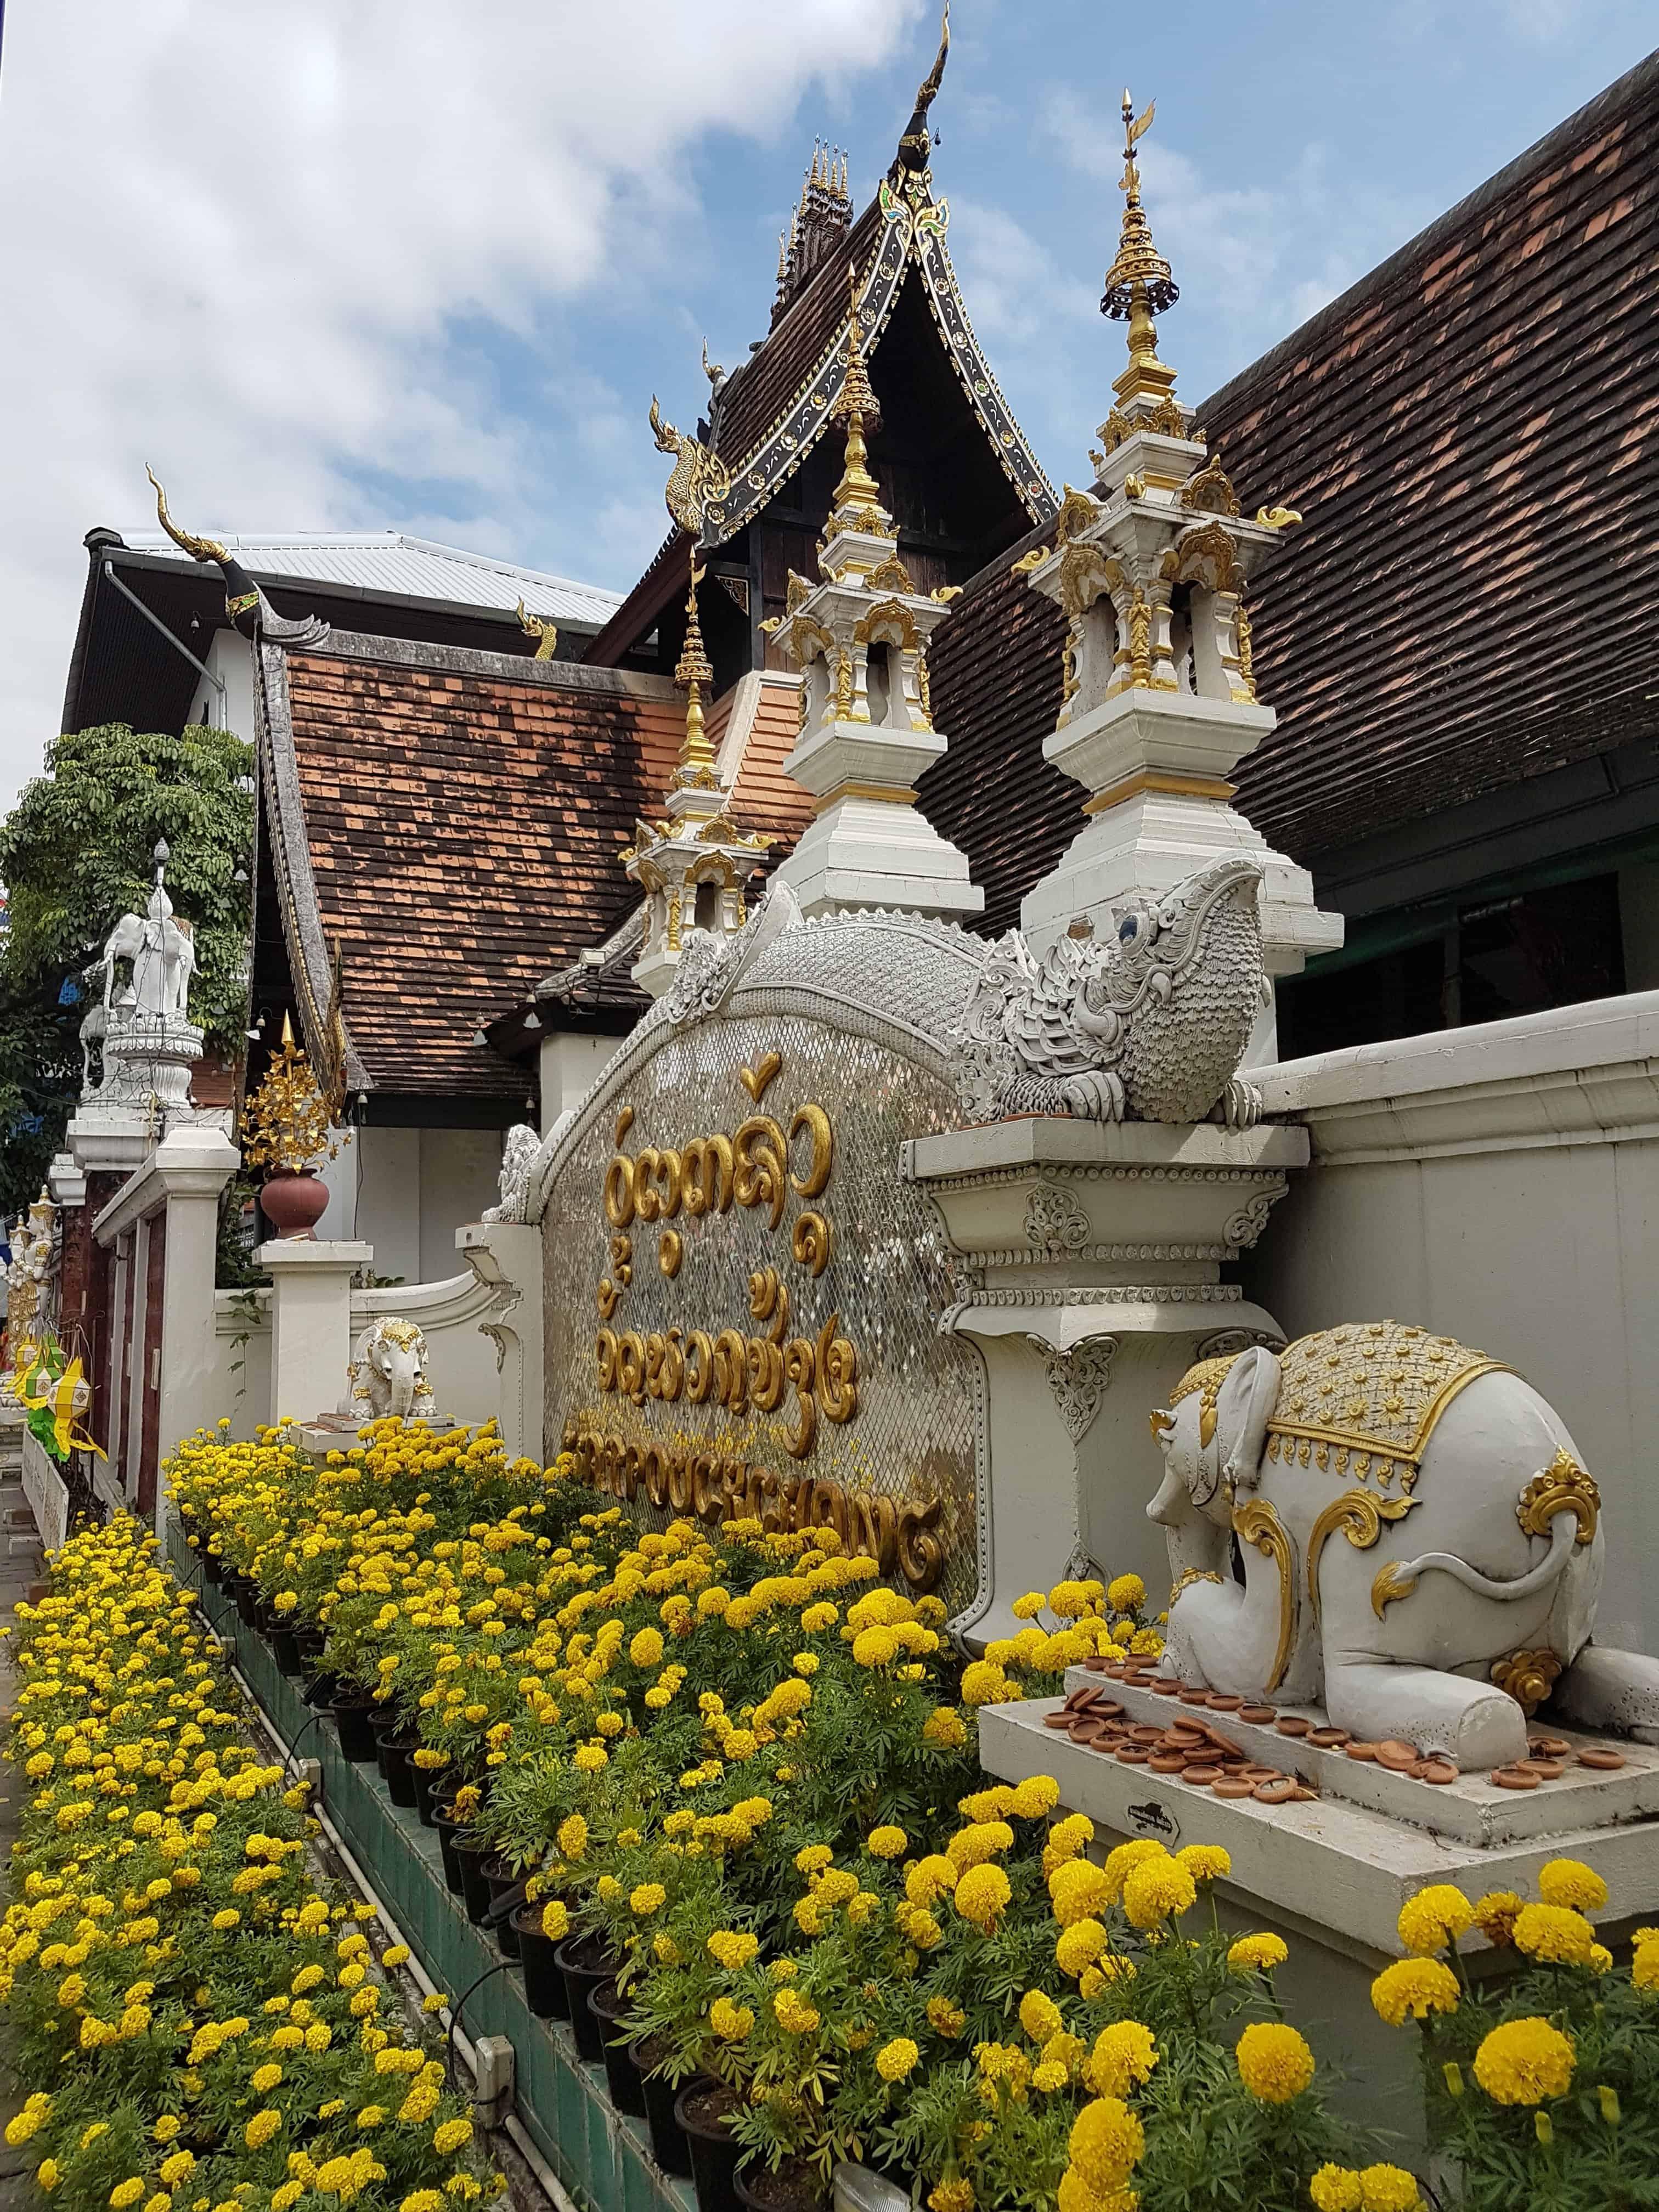 Thaïlande, nos premiers pas au pays du sourire 🇹🇭 1